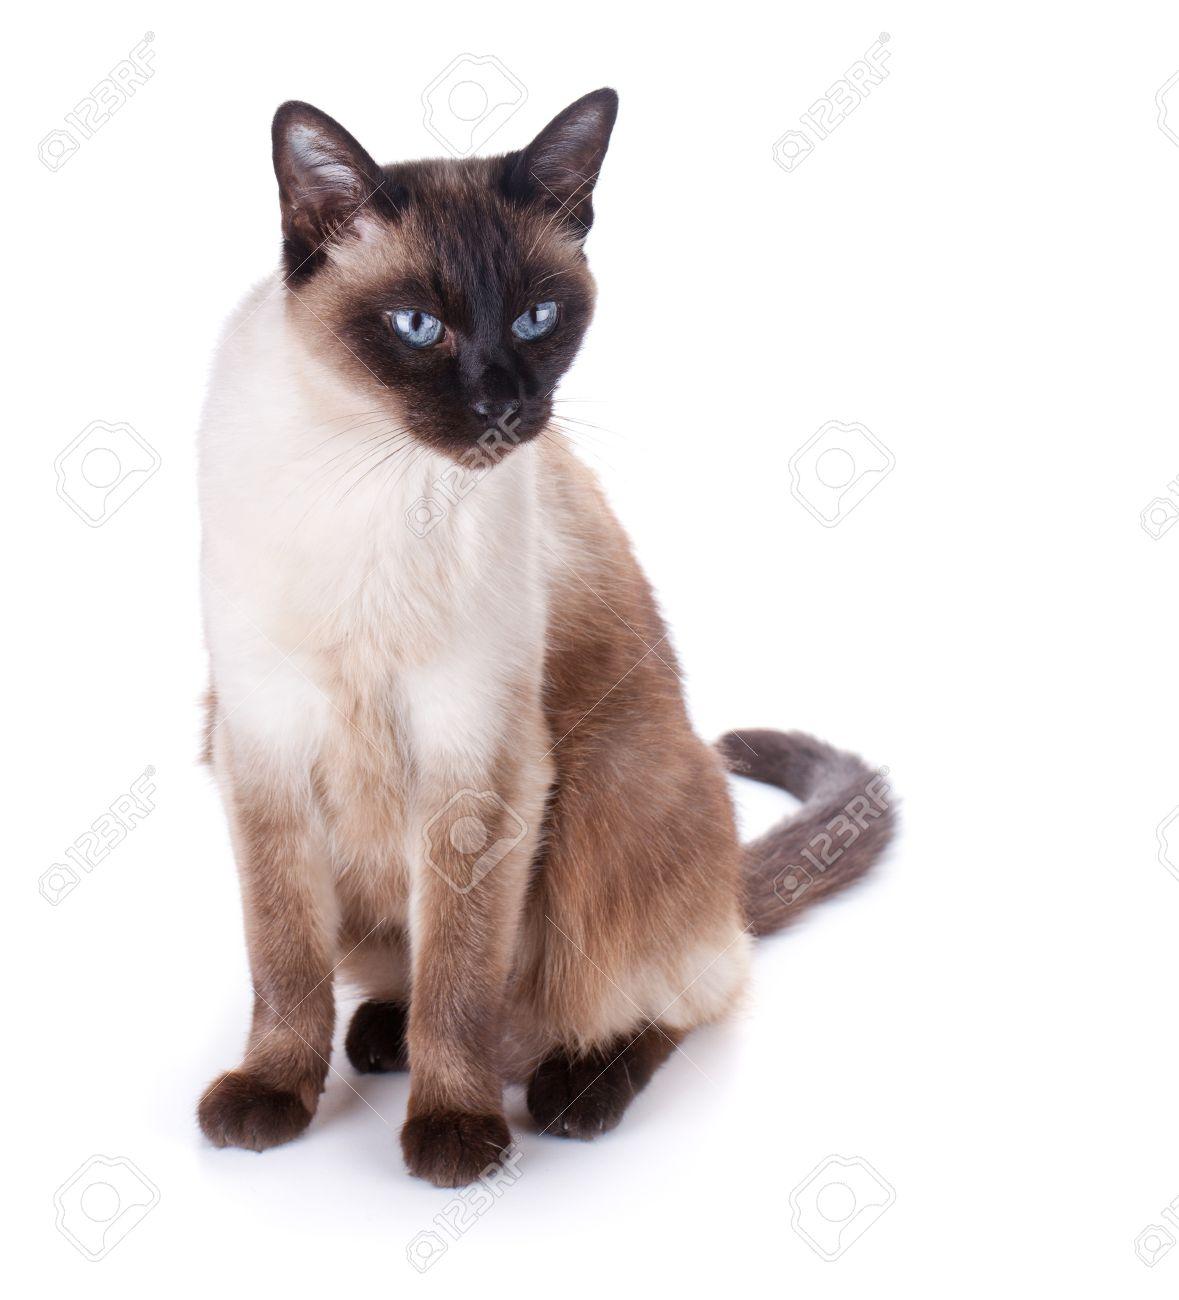 Foto de archivo , Gato siamés. Aisladas sobre fondo blanco